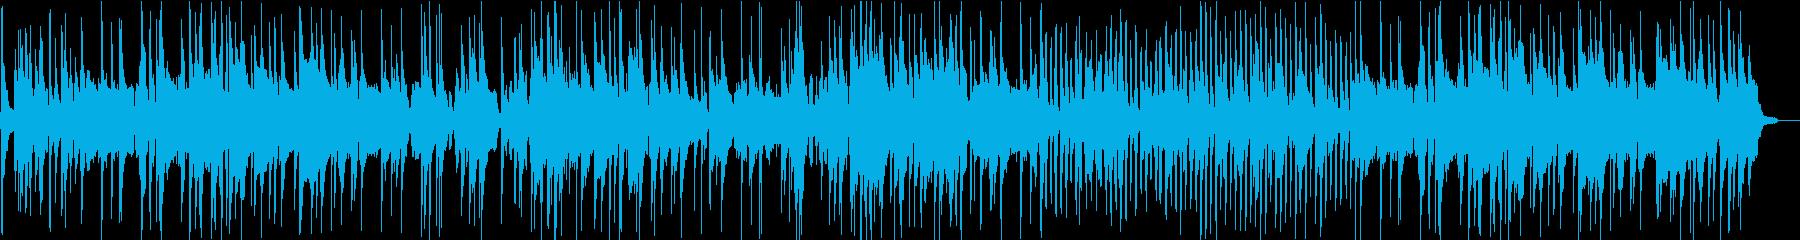 仕事の後に聞きたいまったりジャズの再生済みの波形